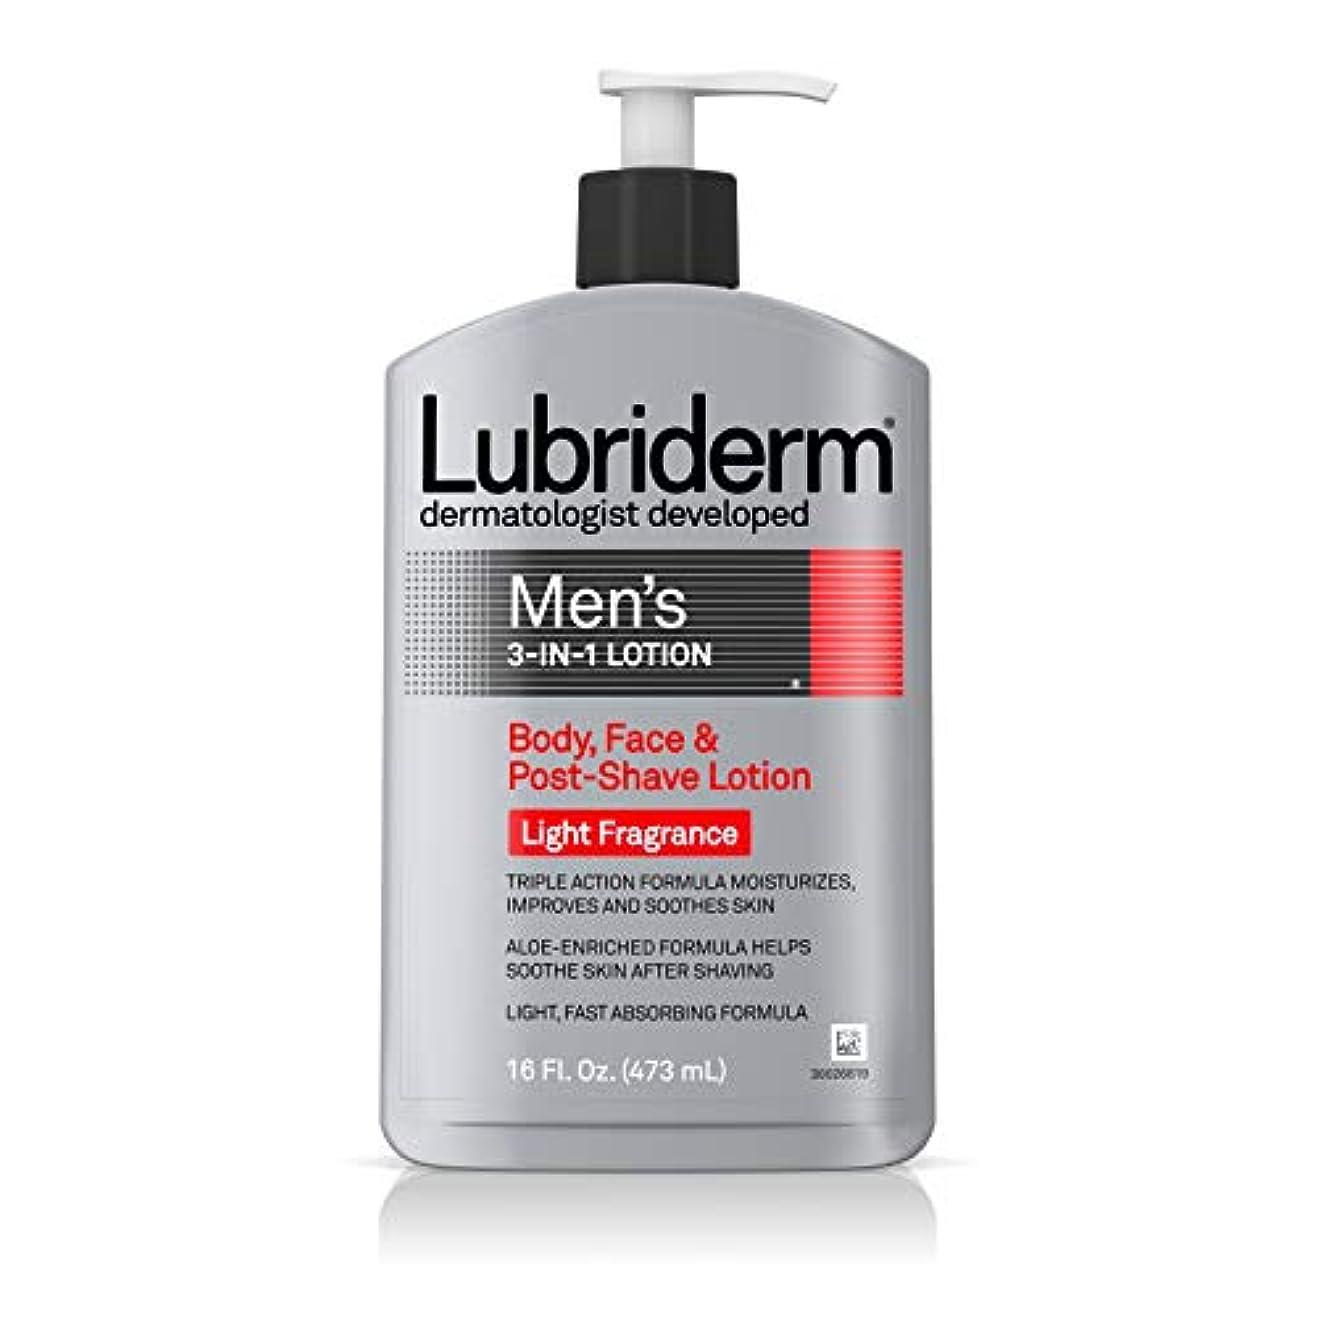 唇ほんの所有者Lubriderm メンズ3-IN-1ボディローションライトフレグランスで、16フロリダ。オズ